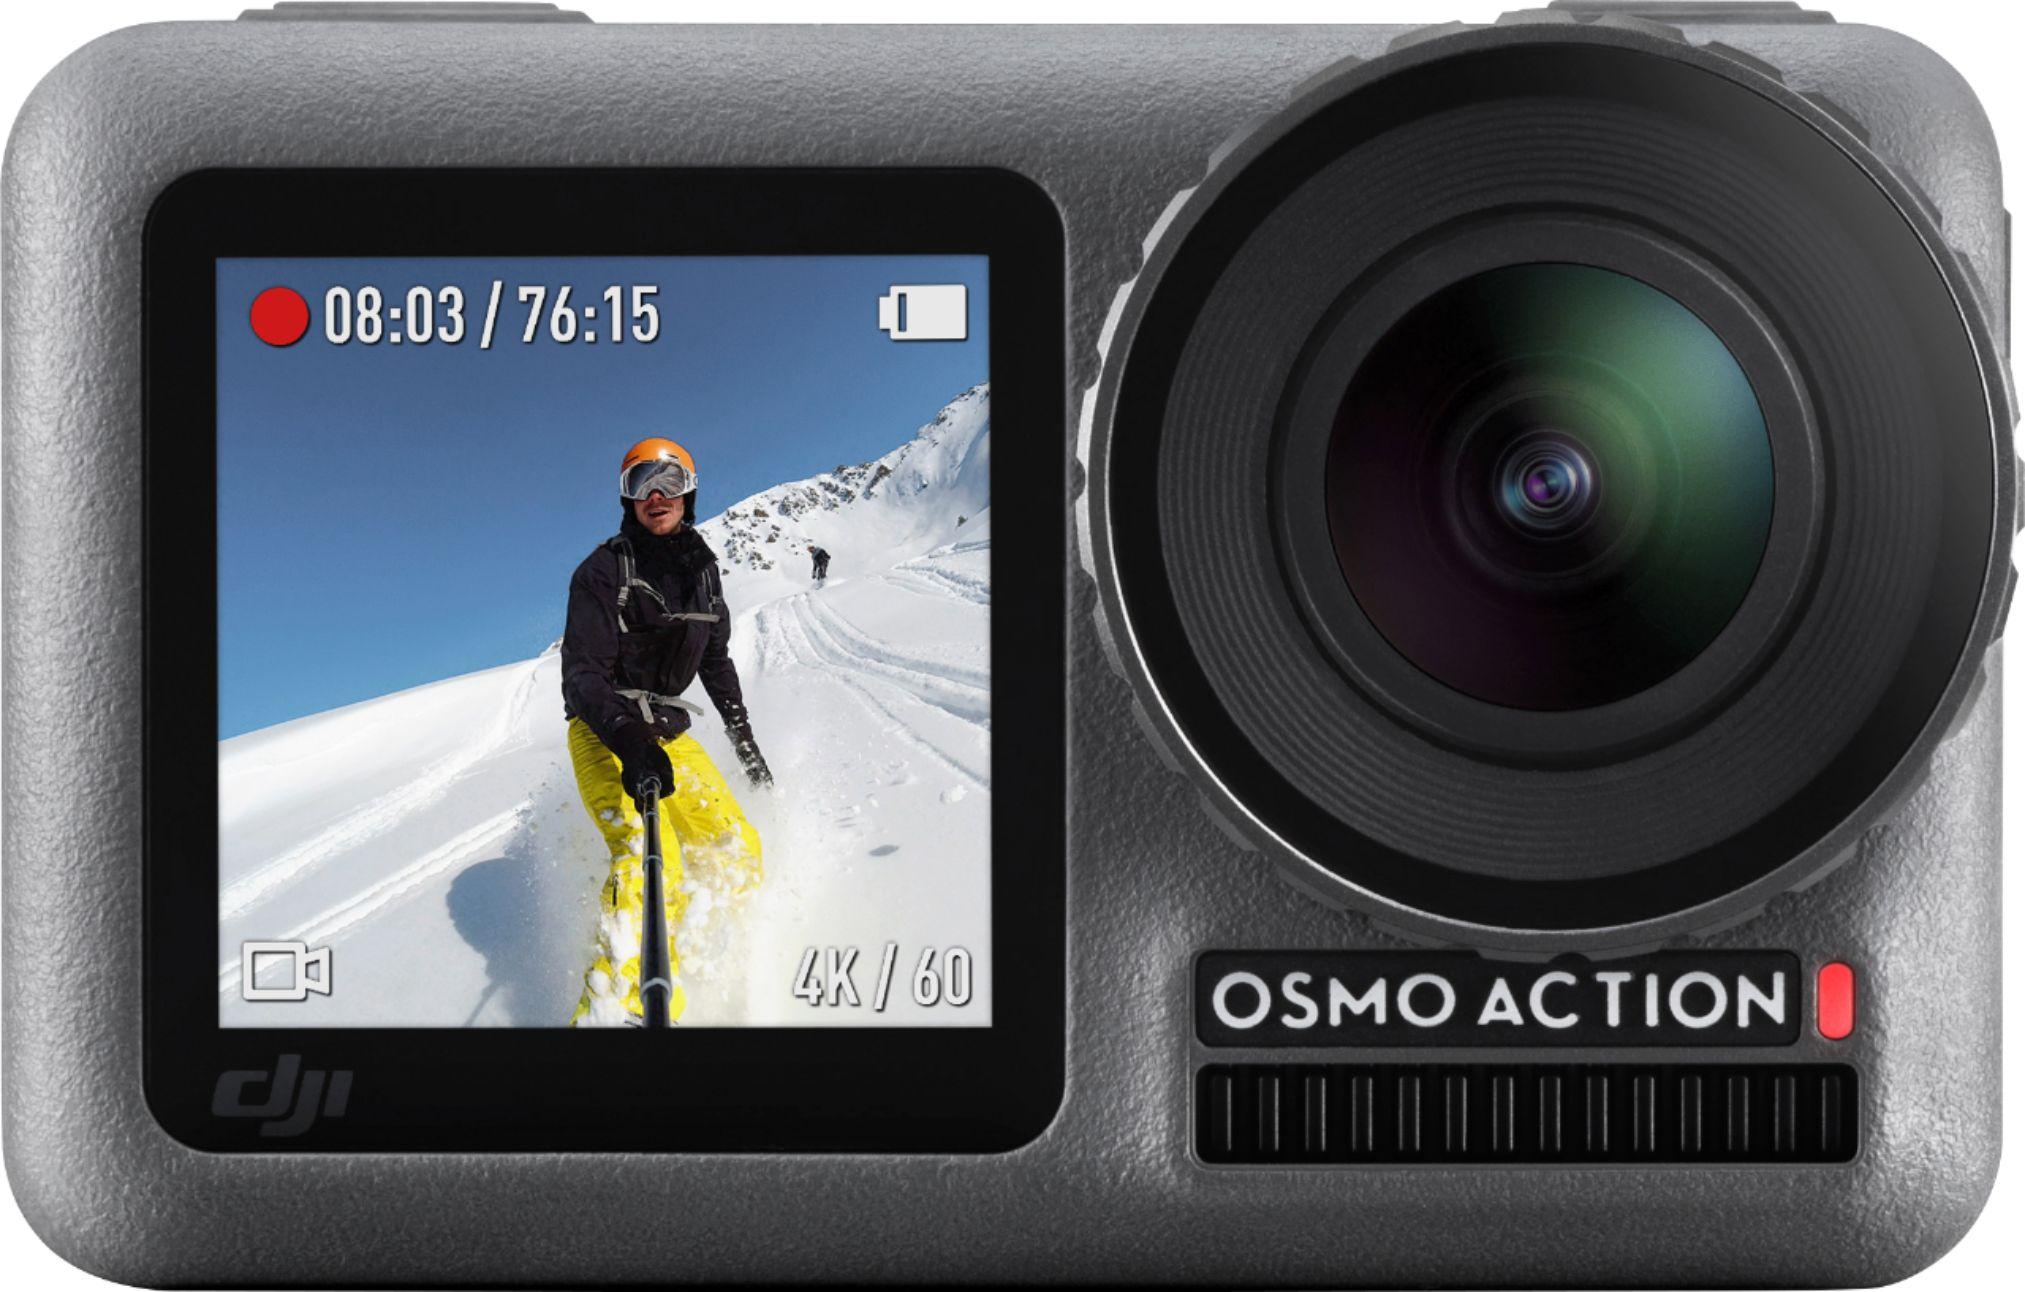 DJI Osmo Action 4K Camera & Charging Kit $259